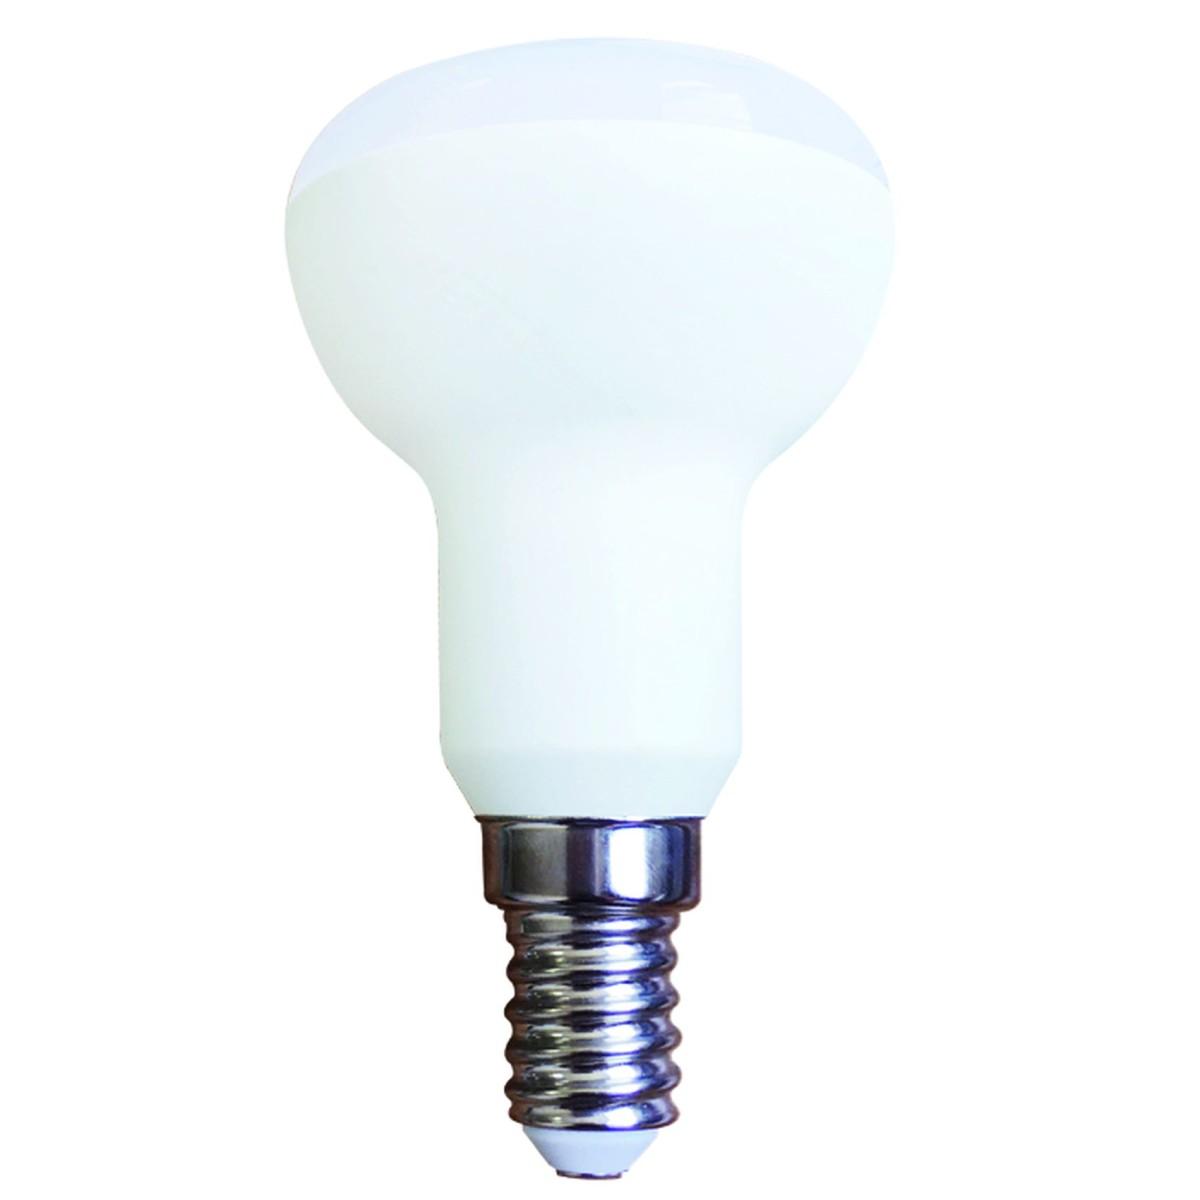 Лампа Ecola light E14 7 Вт рефлекторная 560 Лм нейтральный 4 шт